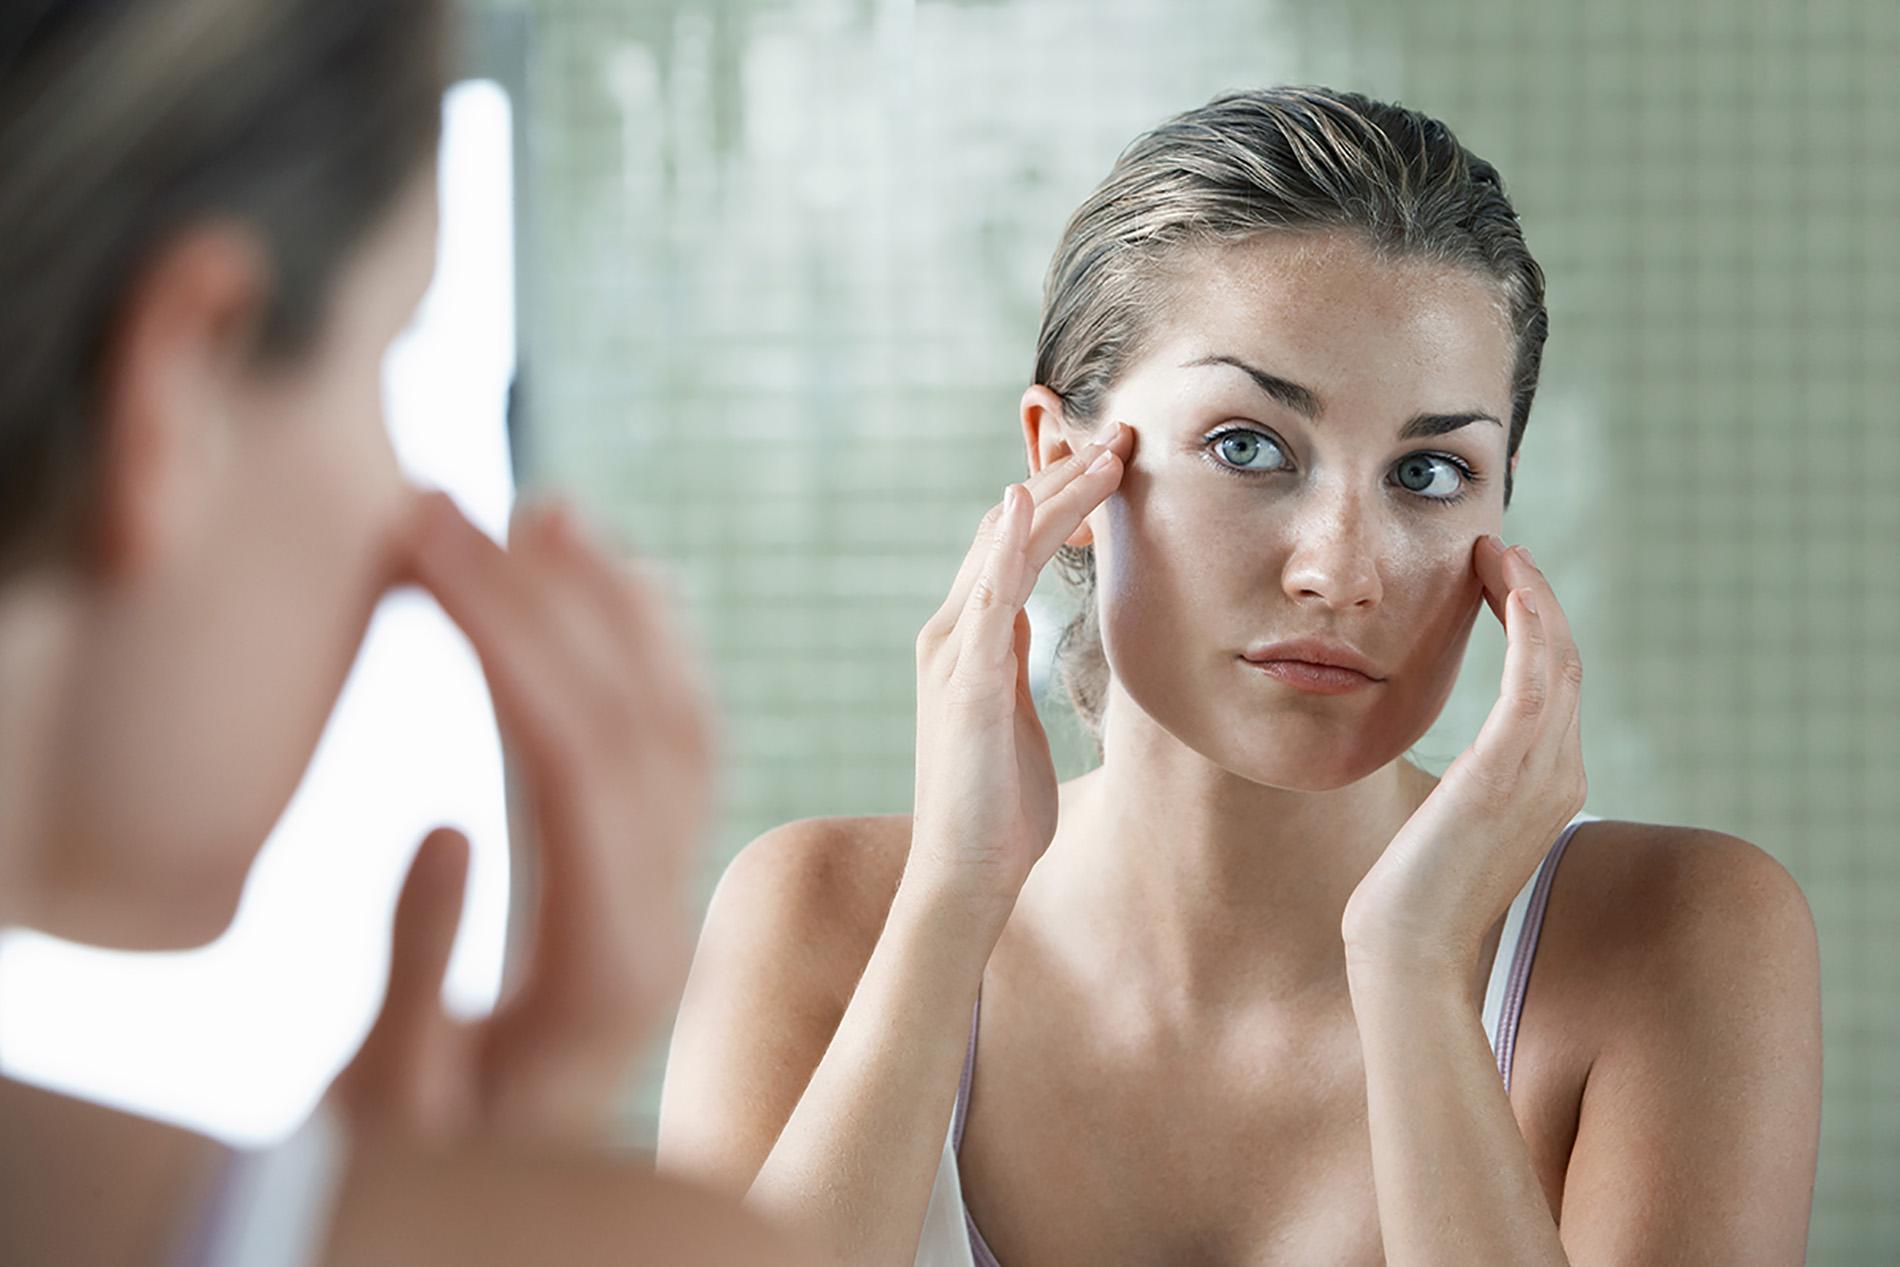 Frau betrachtet sich im Spiegel